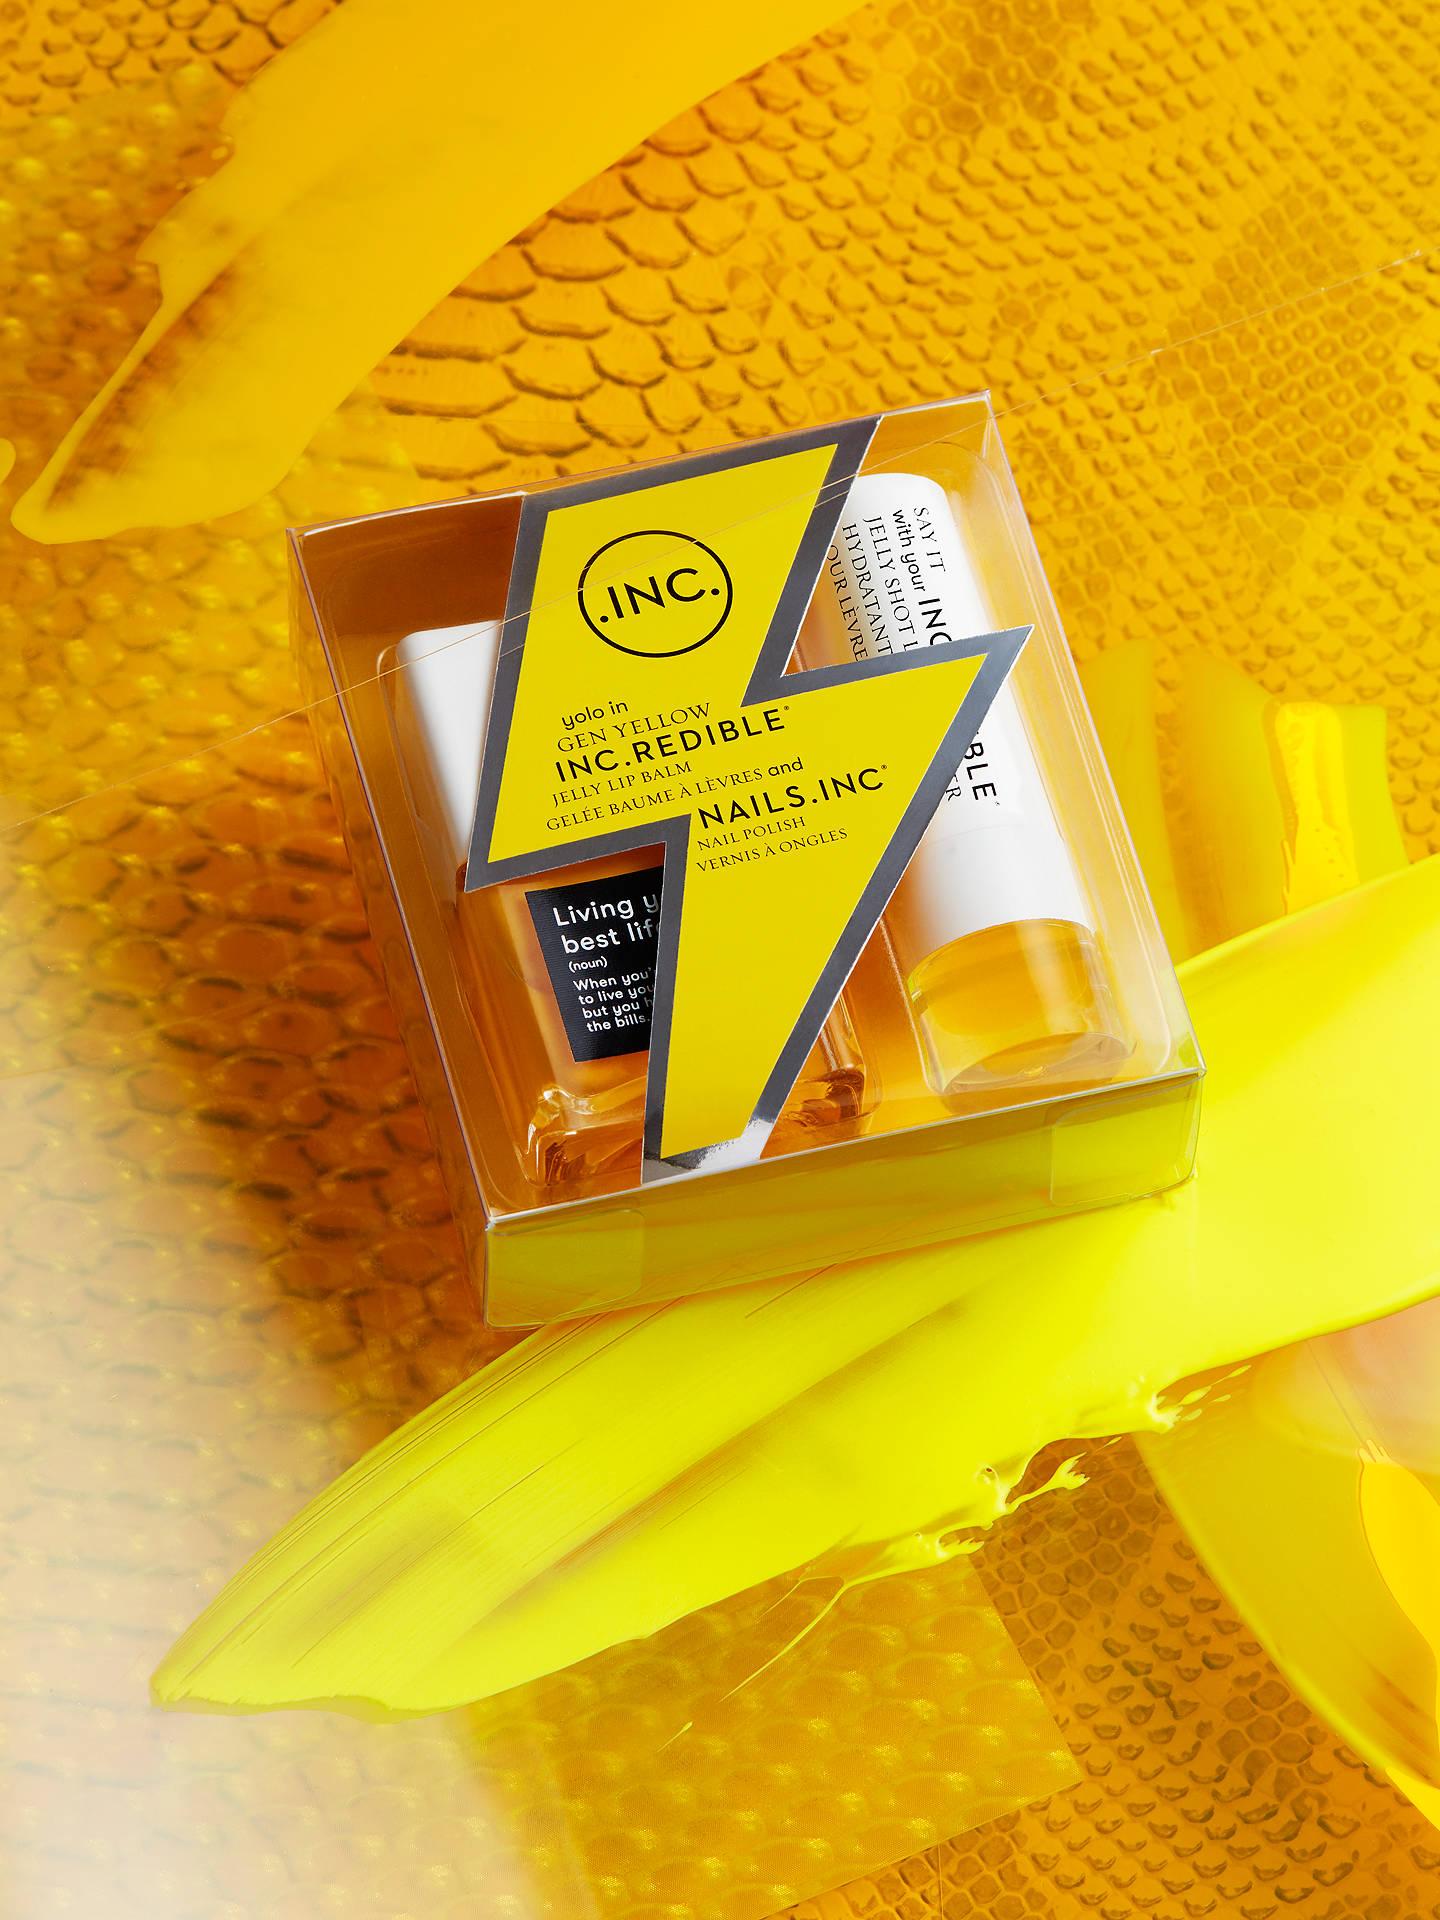 Kết quả hình ảnh cho Nails Inc. Gen Yellow Nail Polish and Lip Balm Duo Set